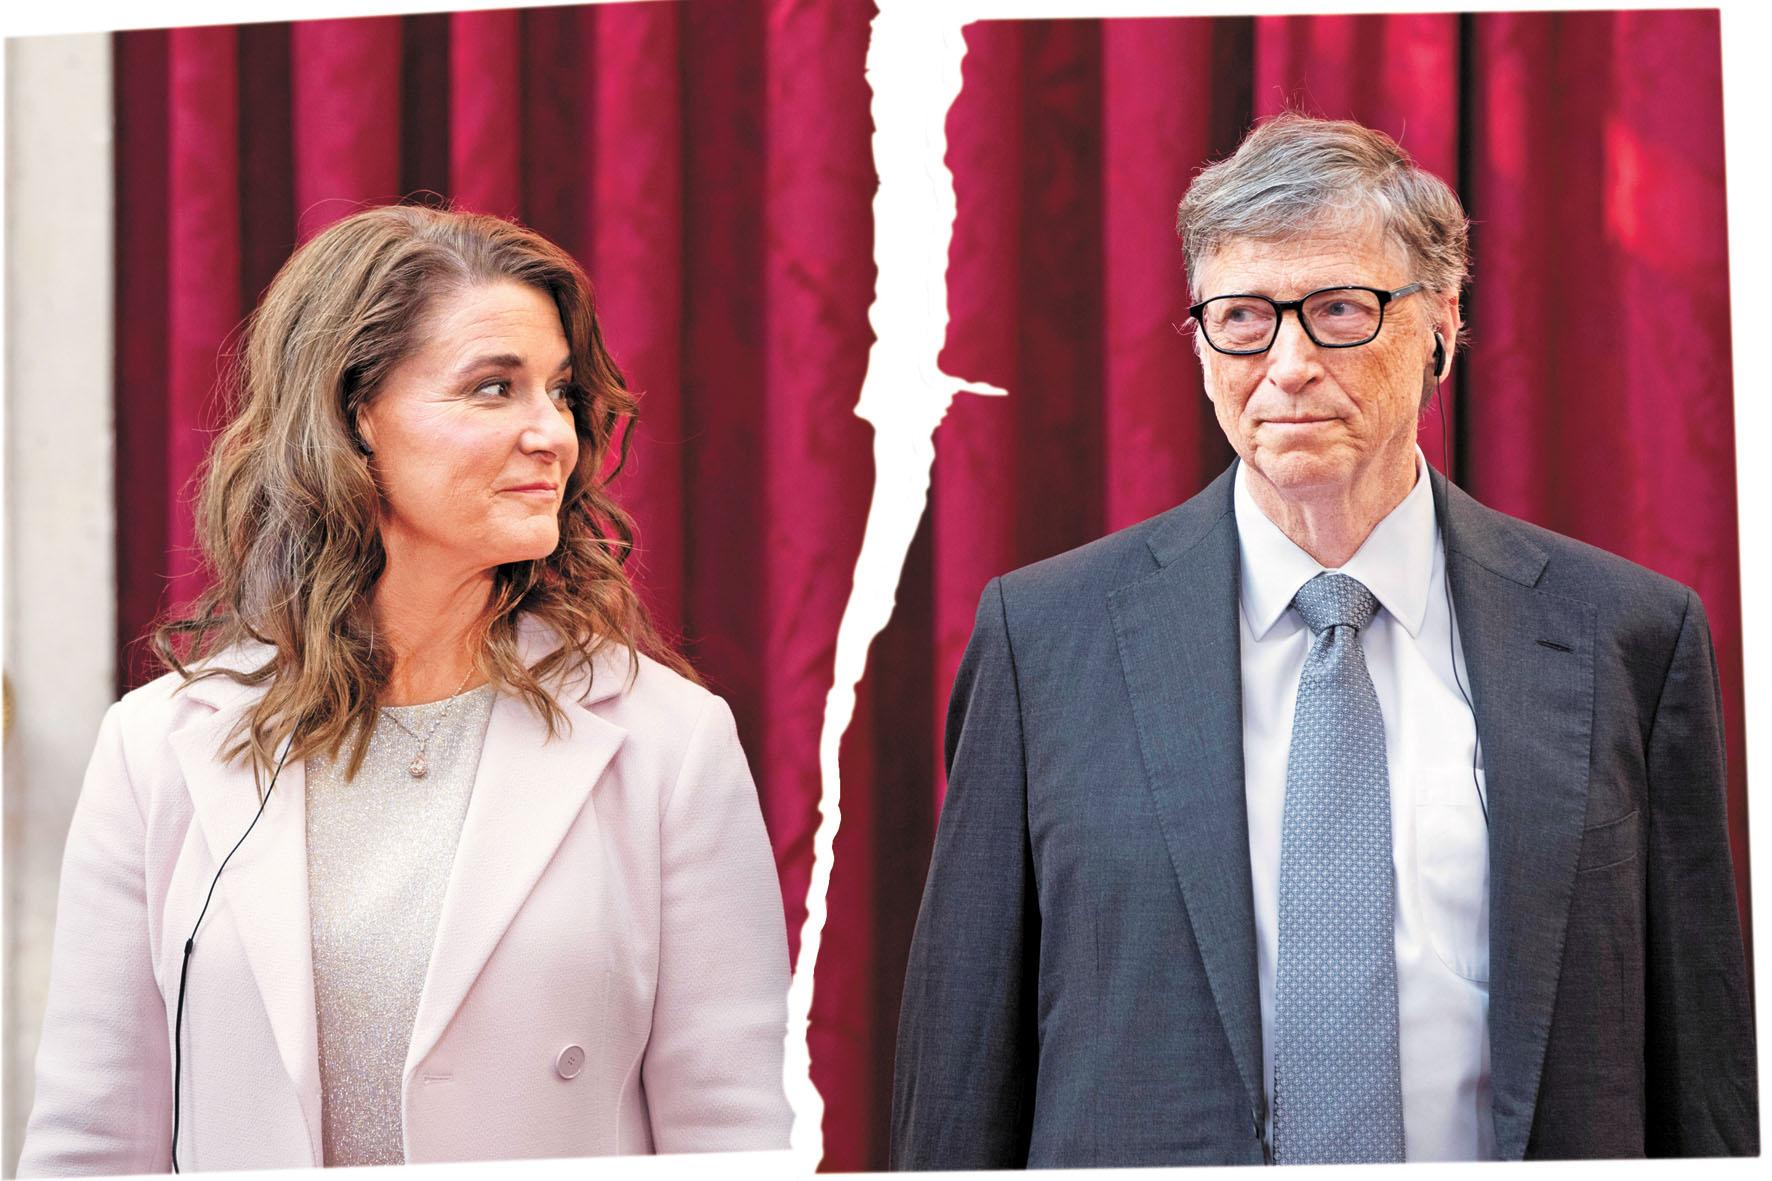 ■比爾蓋茨和梅琳達宣布結束27年的婚姻。資料圖片